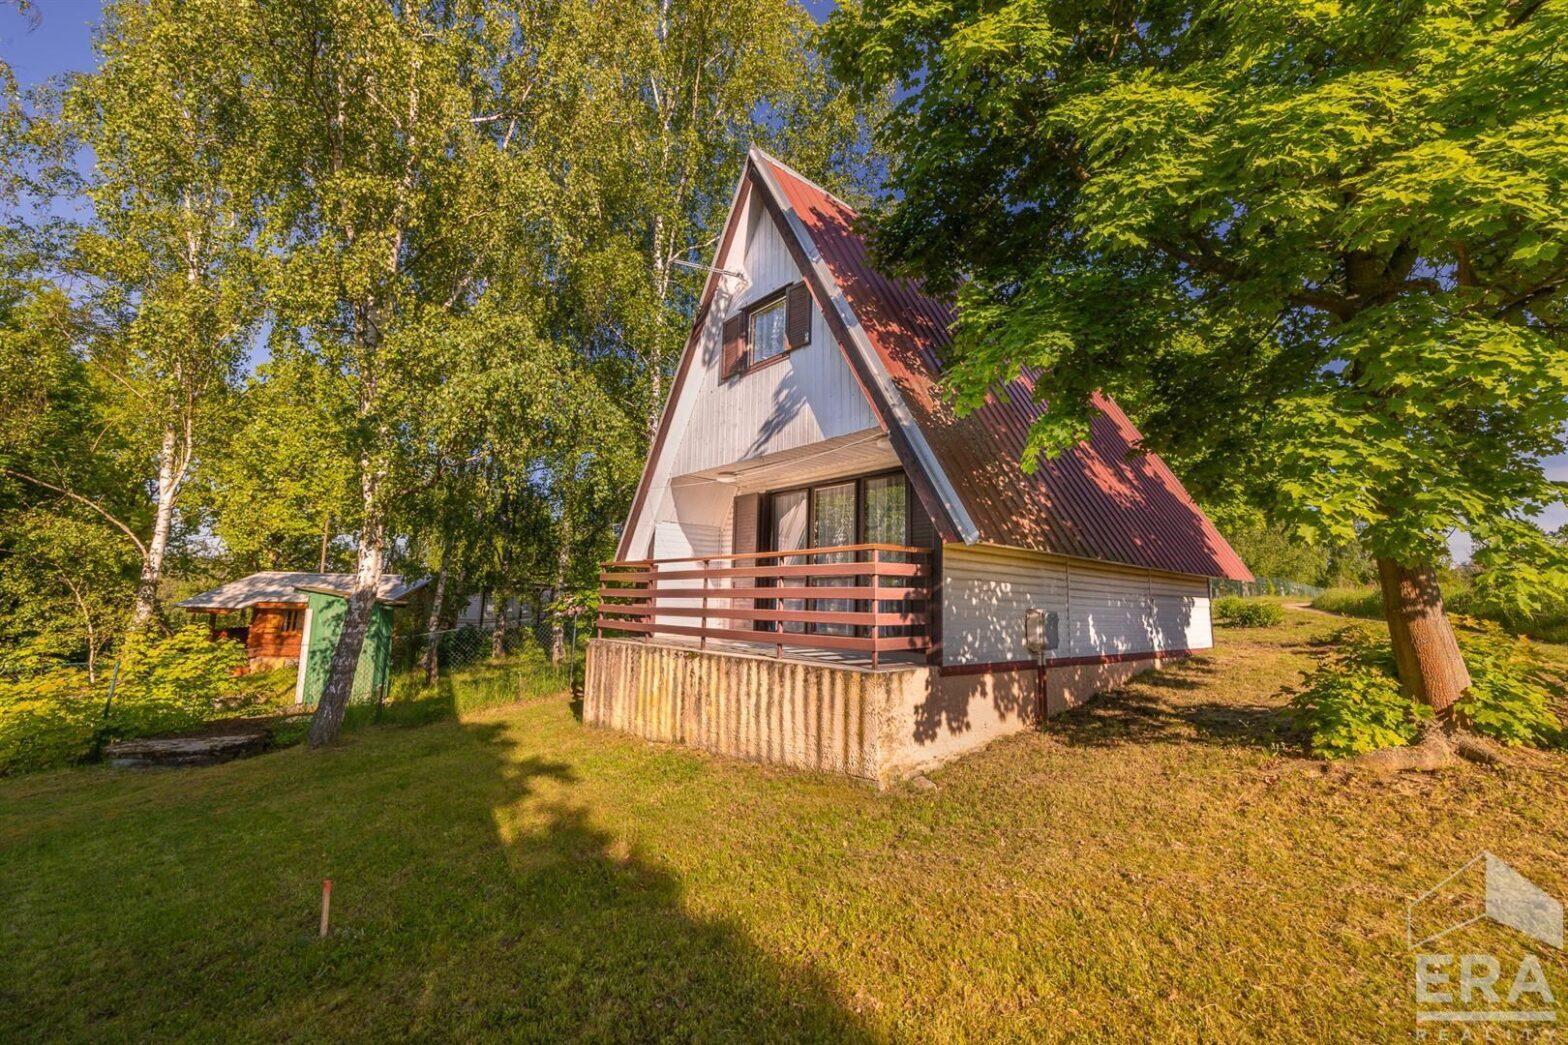 Prodej chaty s pozemkem 382 m2 u Hracholuské přehrady